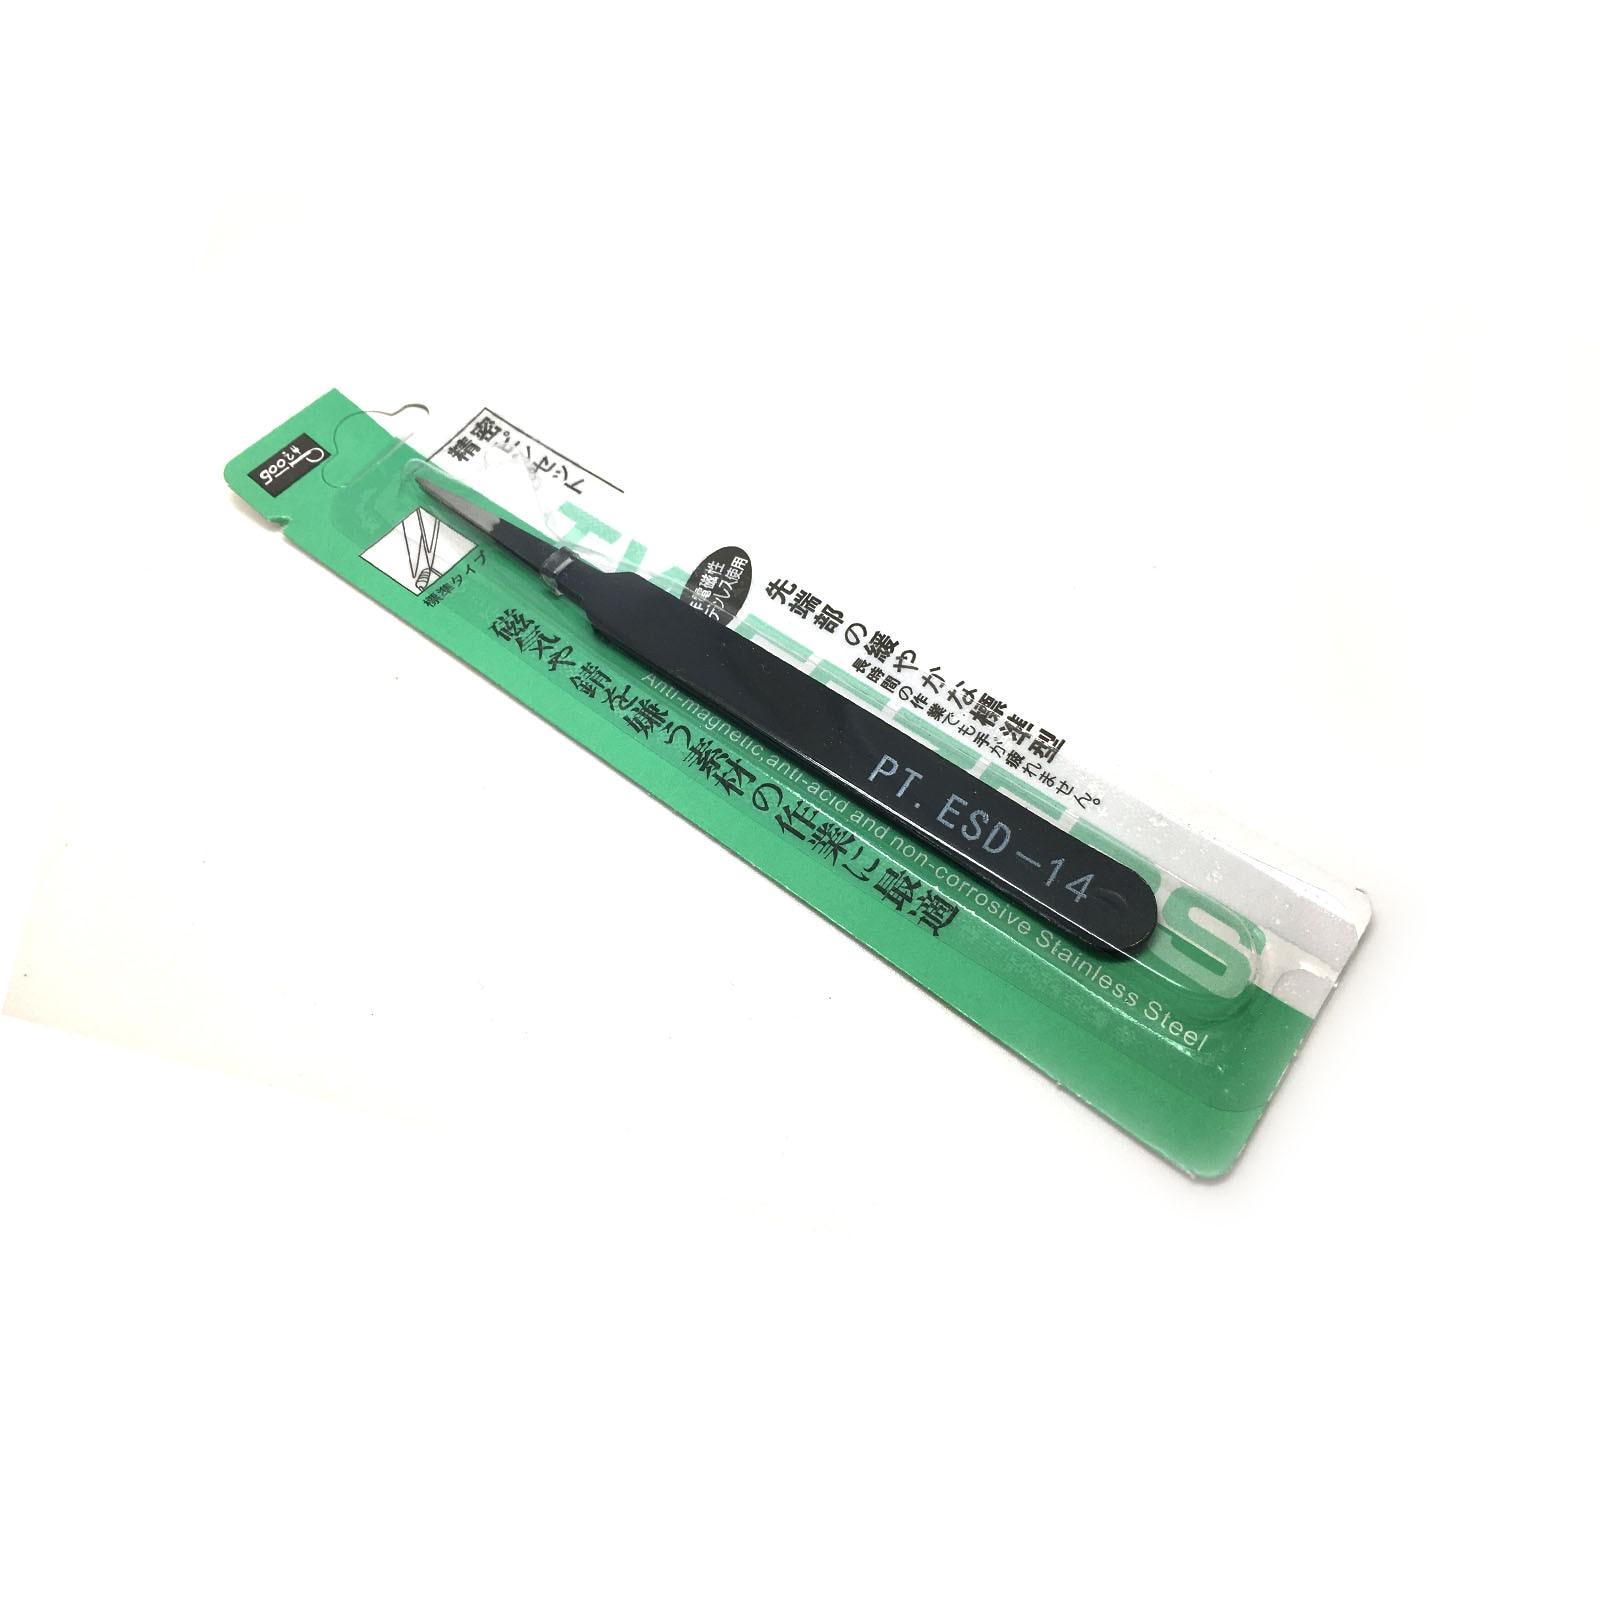 Model Special Tweezers Anti-static Tweezers Diy Manual Clamp 1.0mm Black Tweezers NZ-001